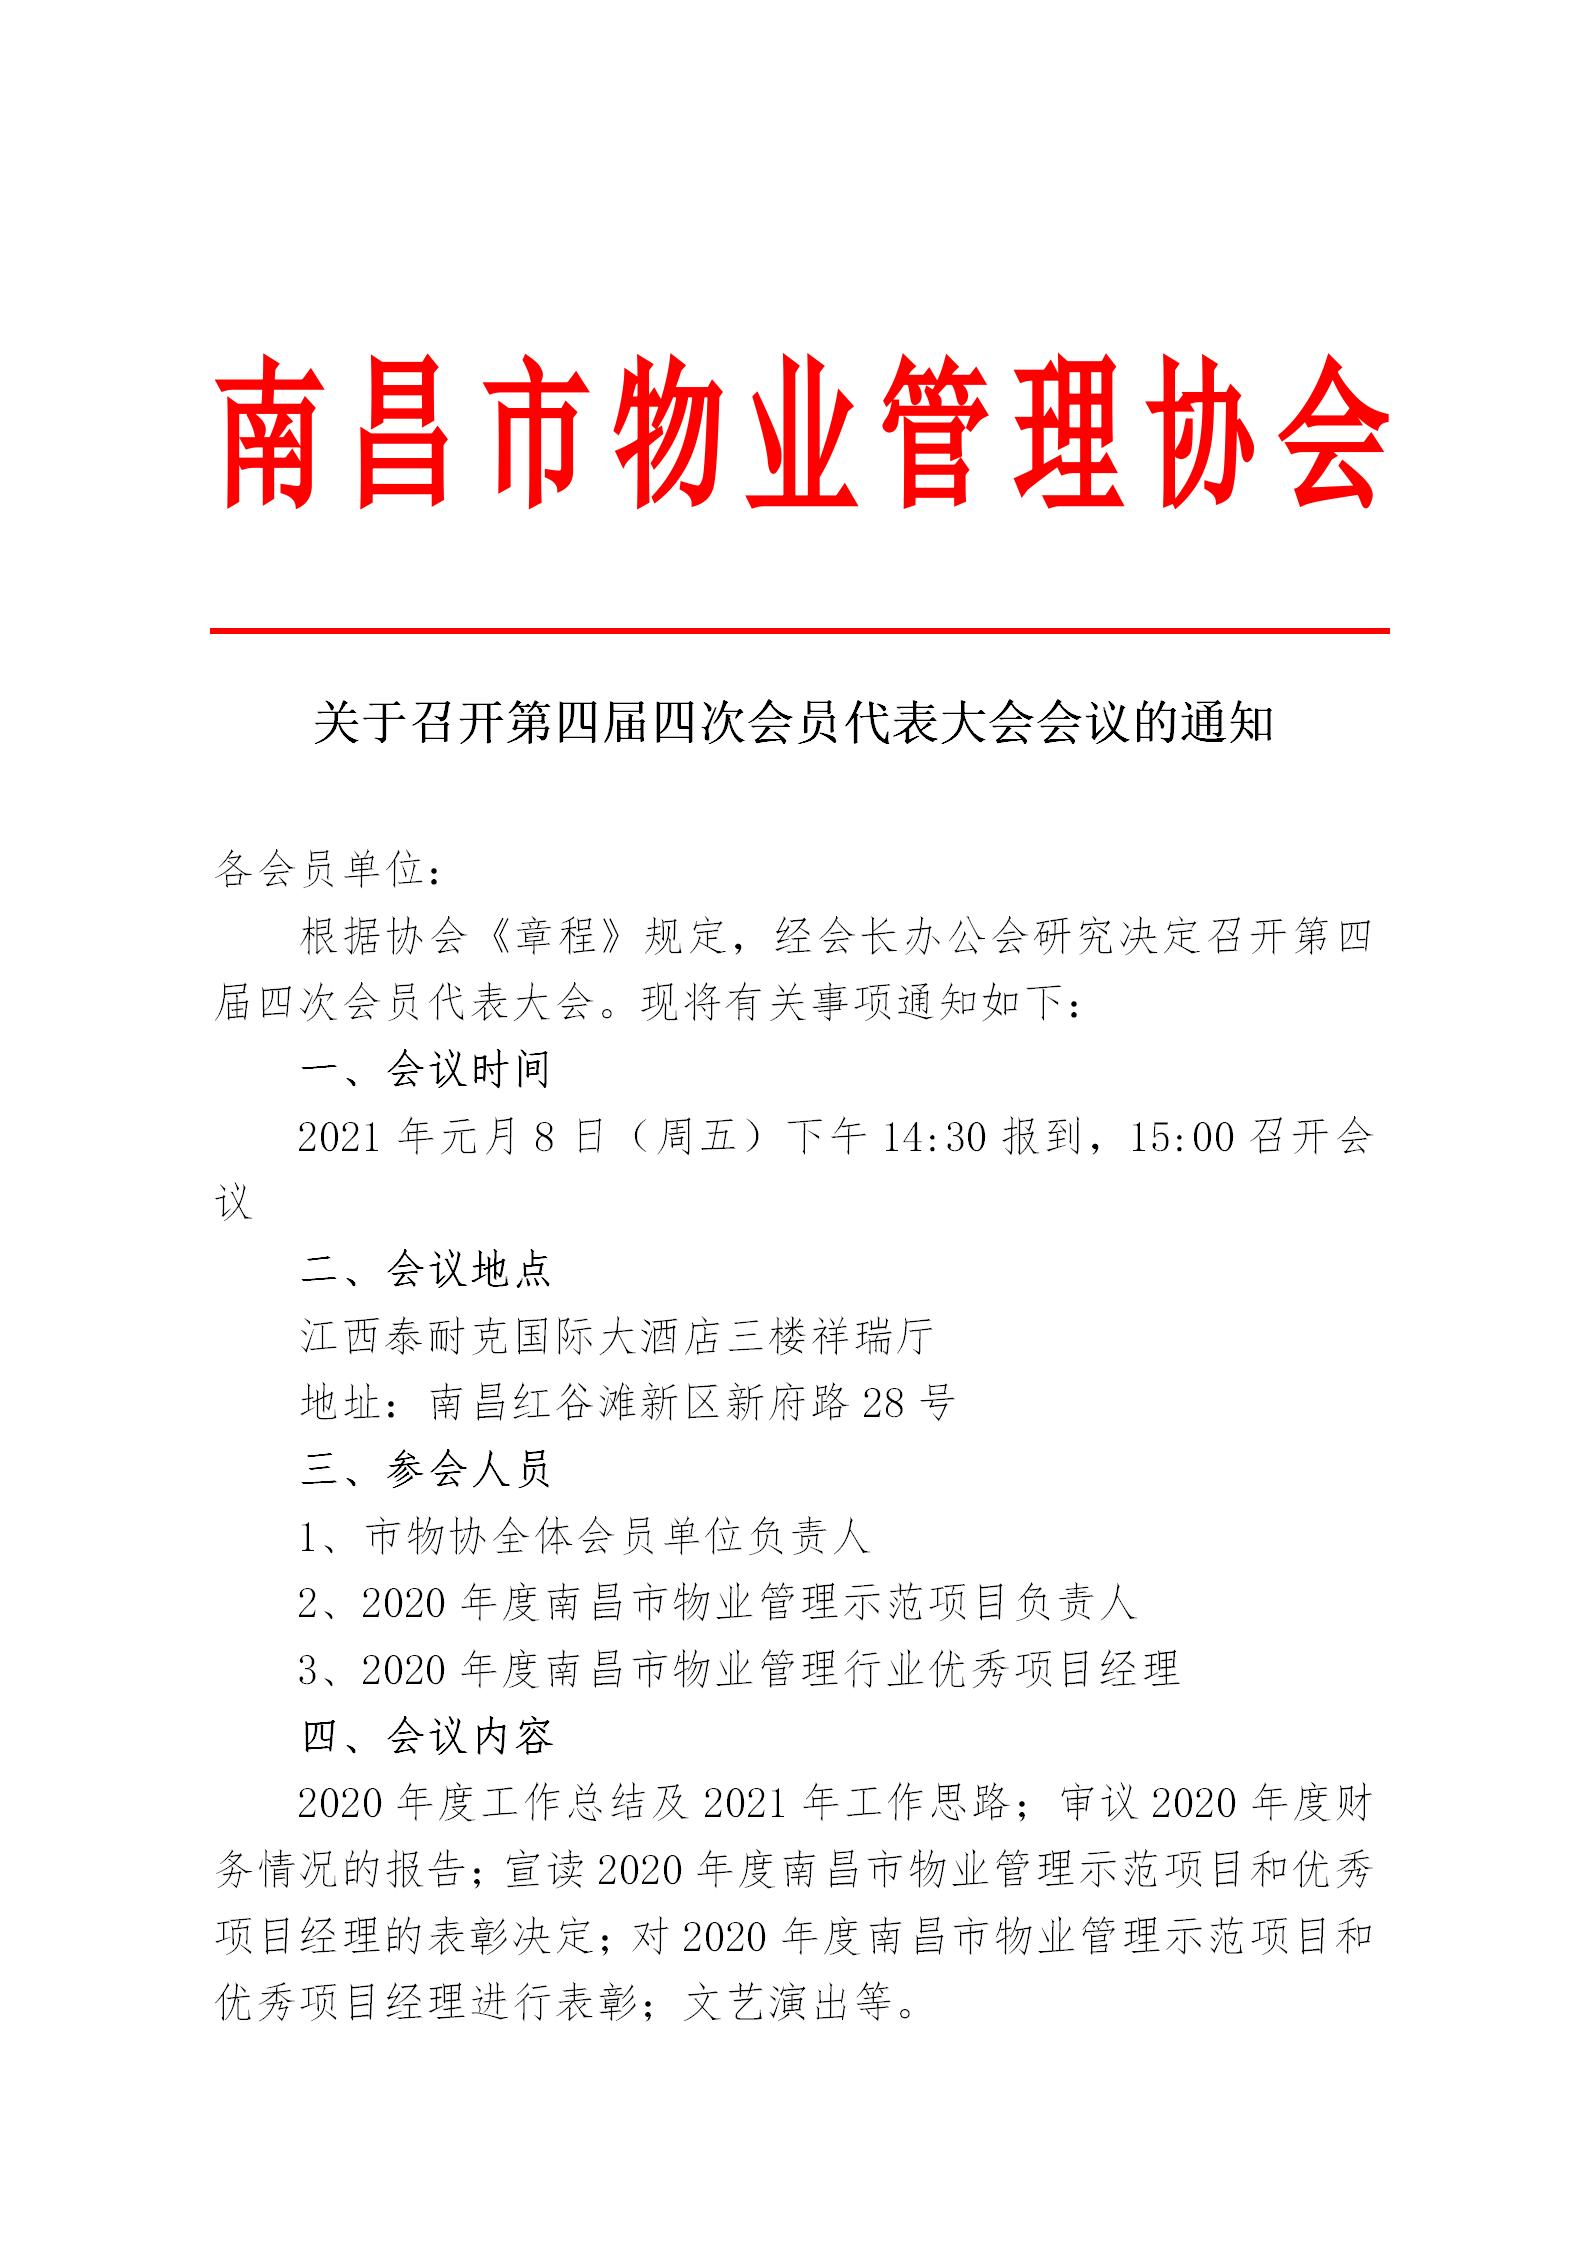 关于召开南昌市物业管理协会第四届四次会员代表大会的通知_01.png